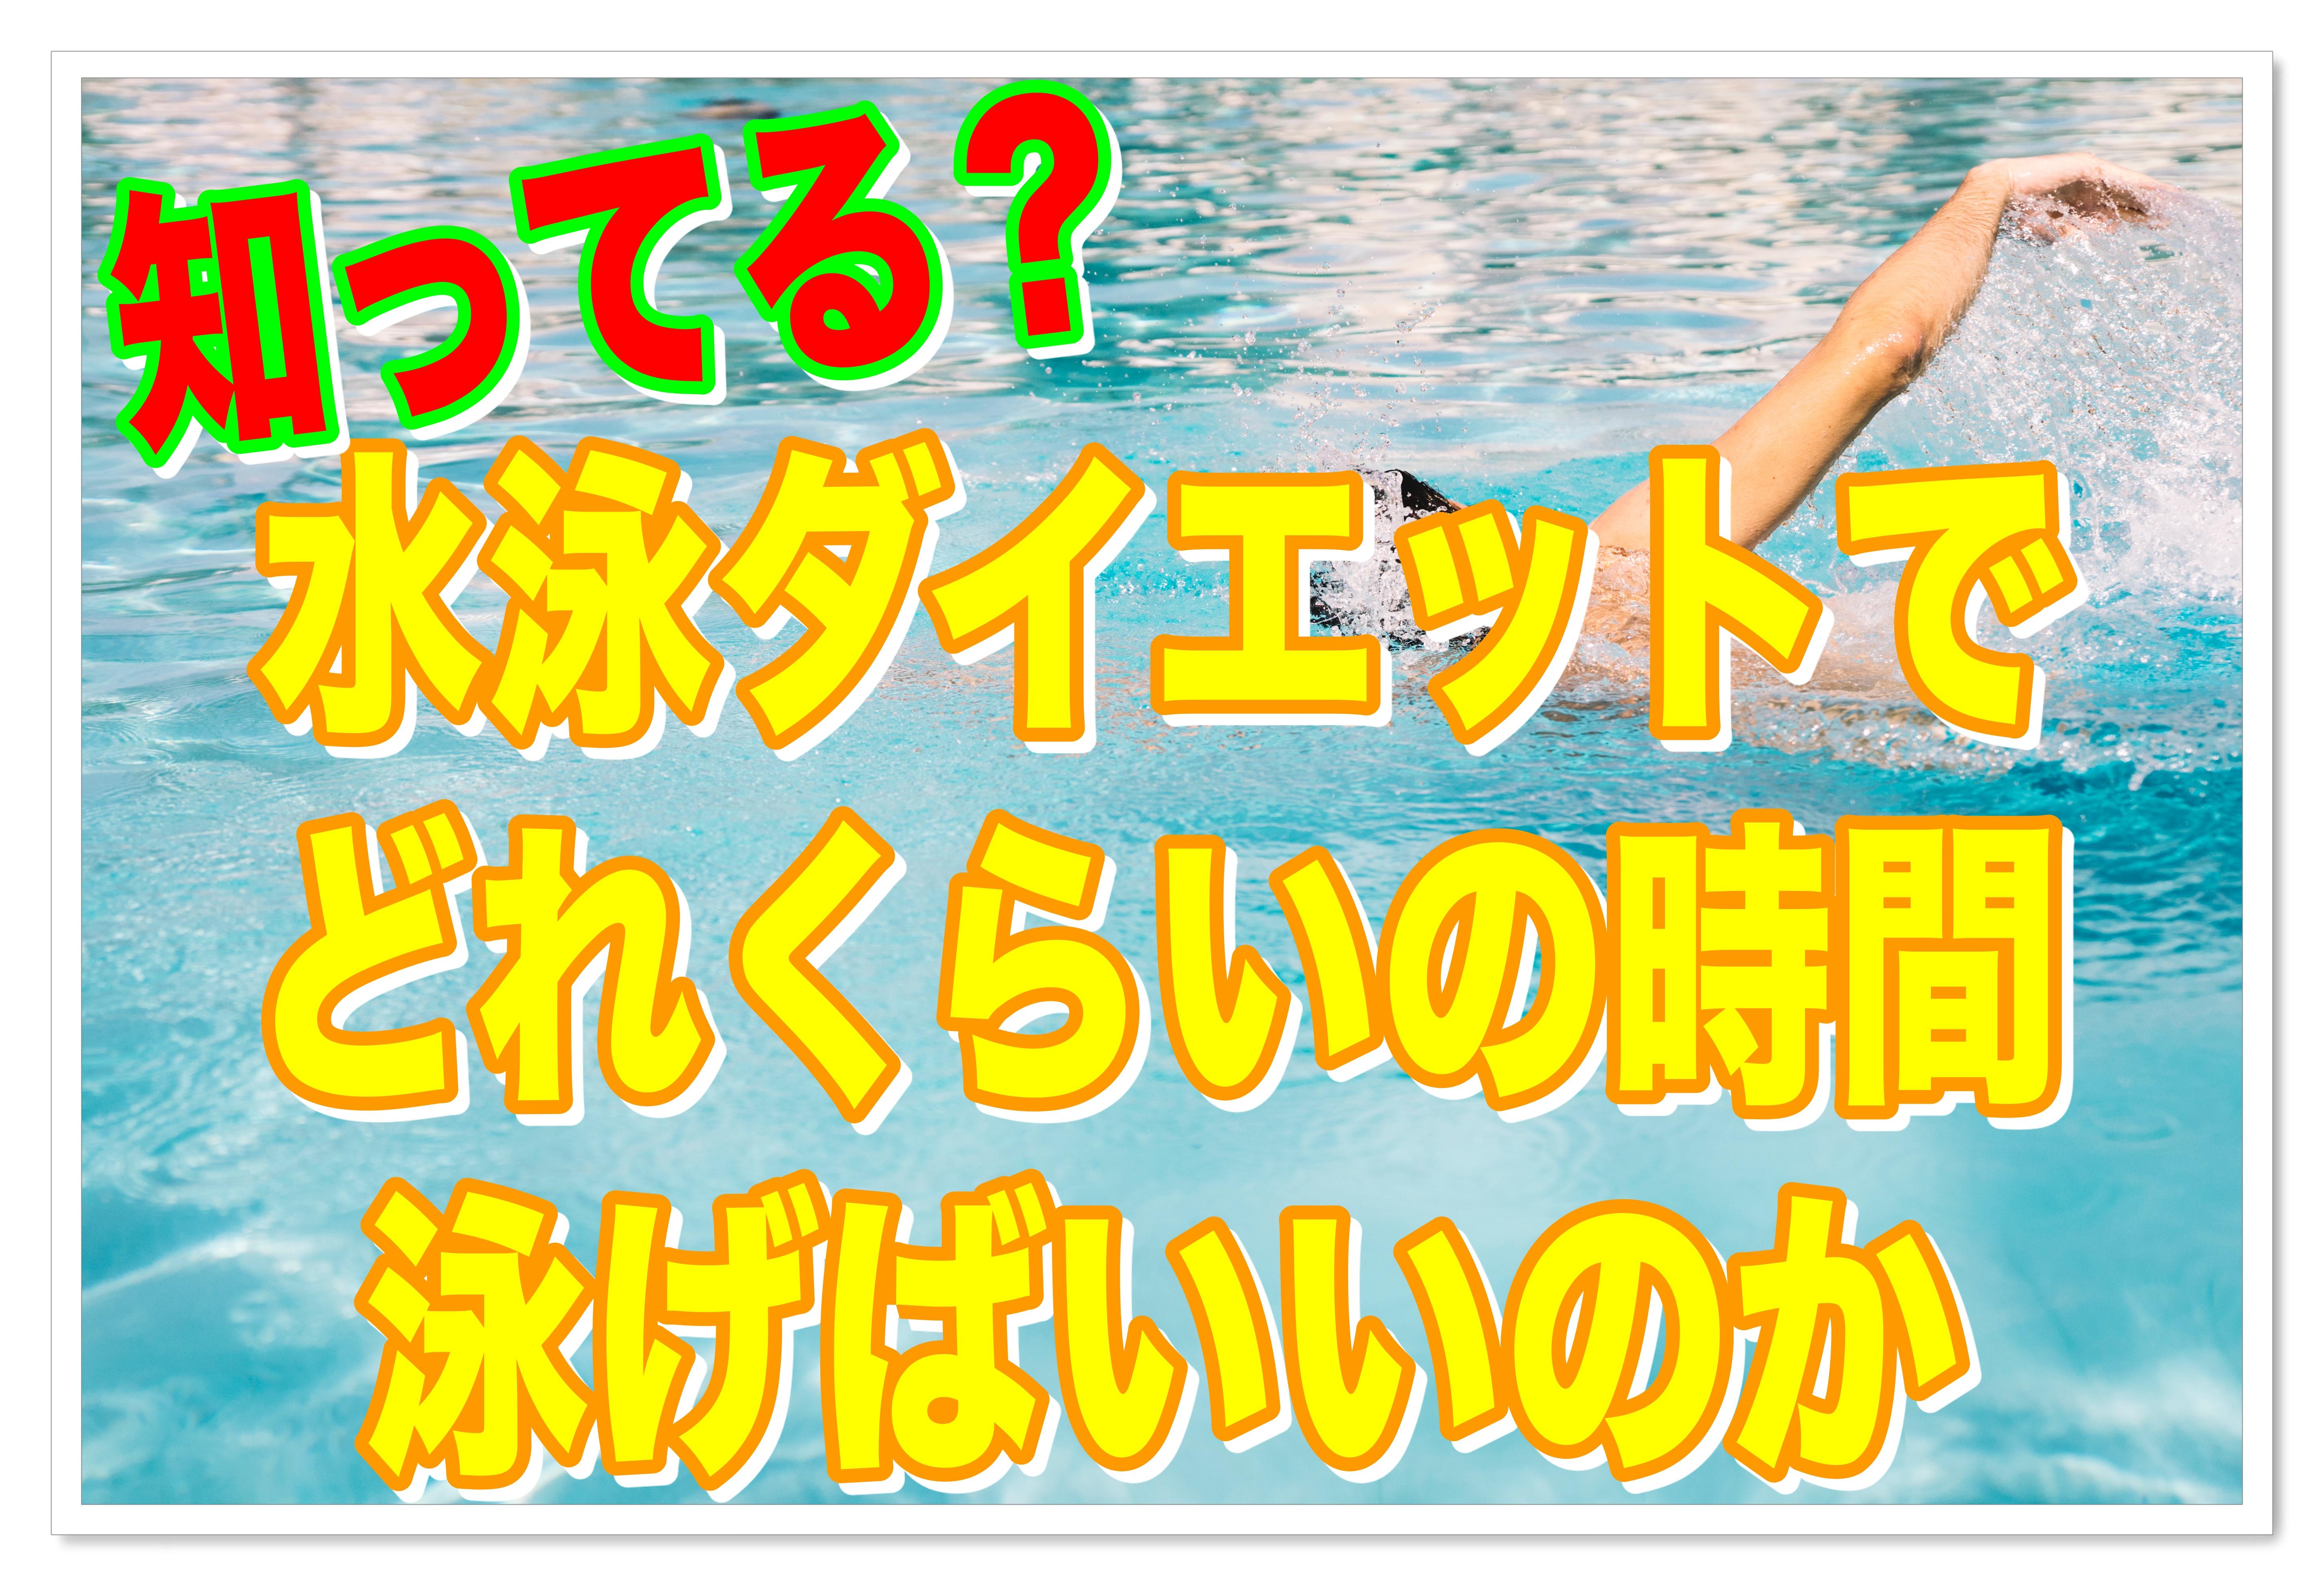 水泳でダイエットするにはどれくらいの時間泳げばいいの?